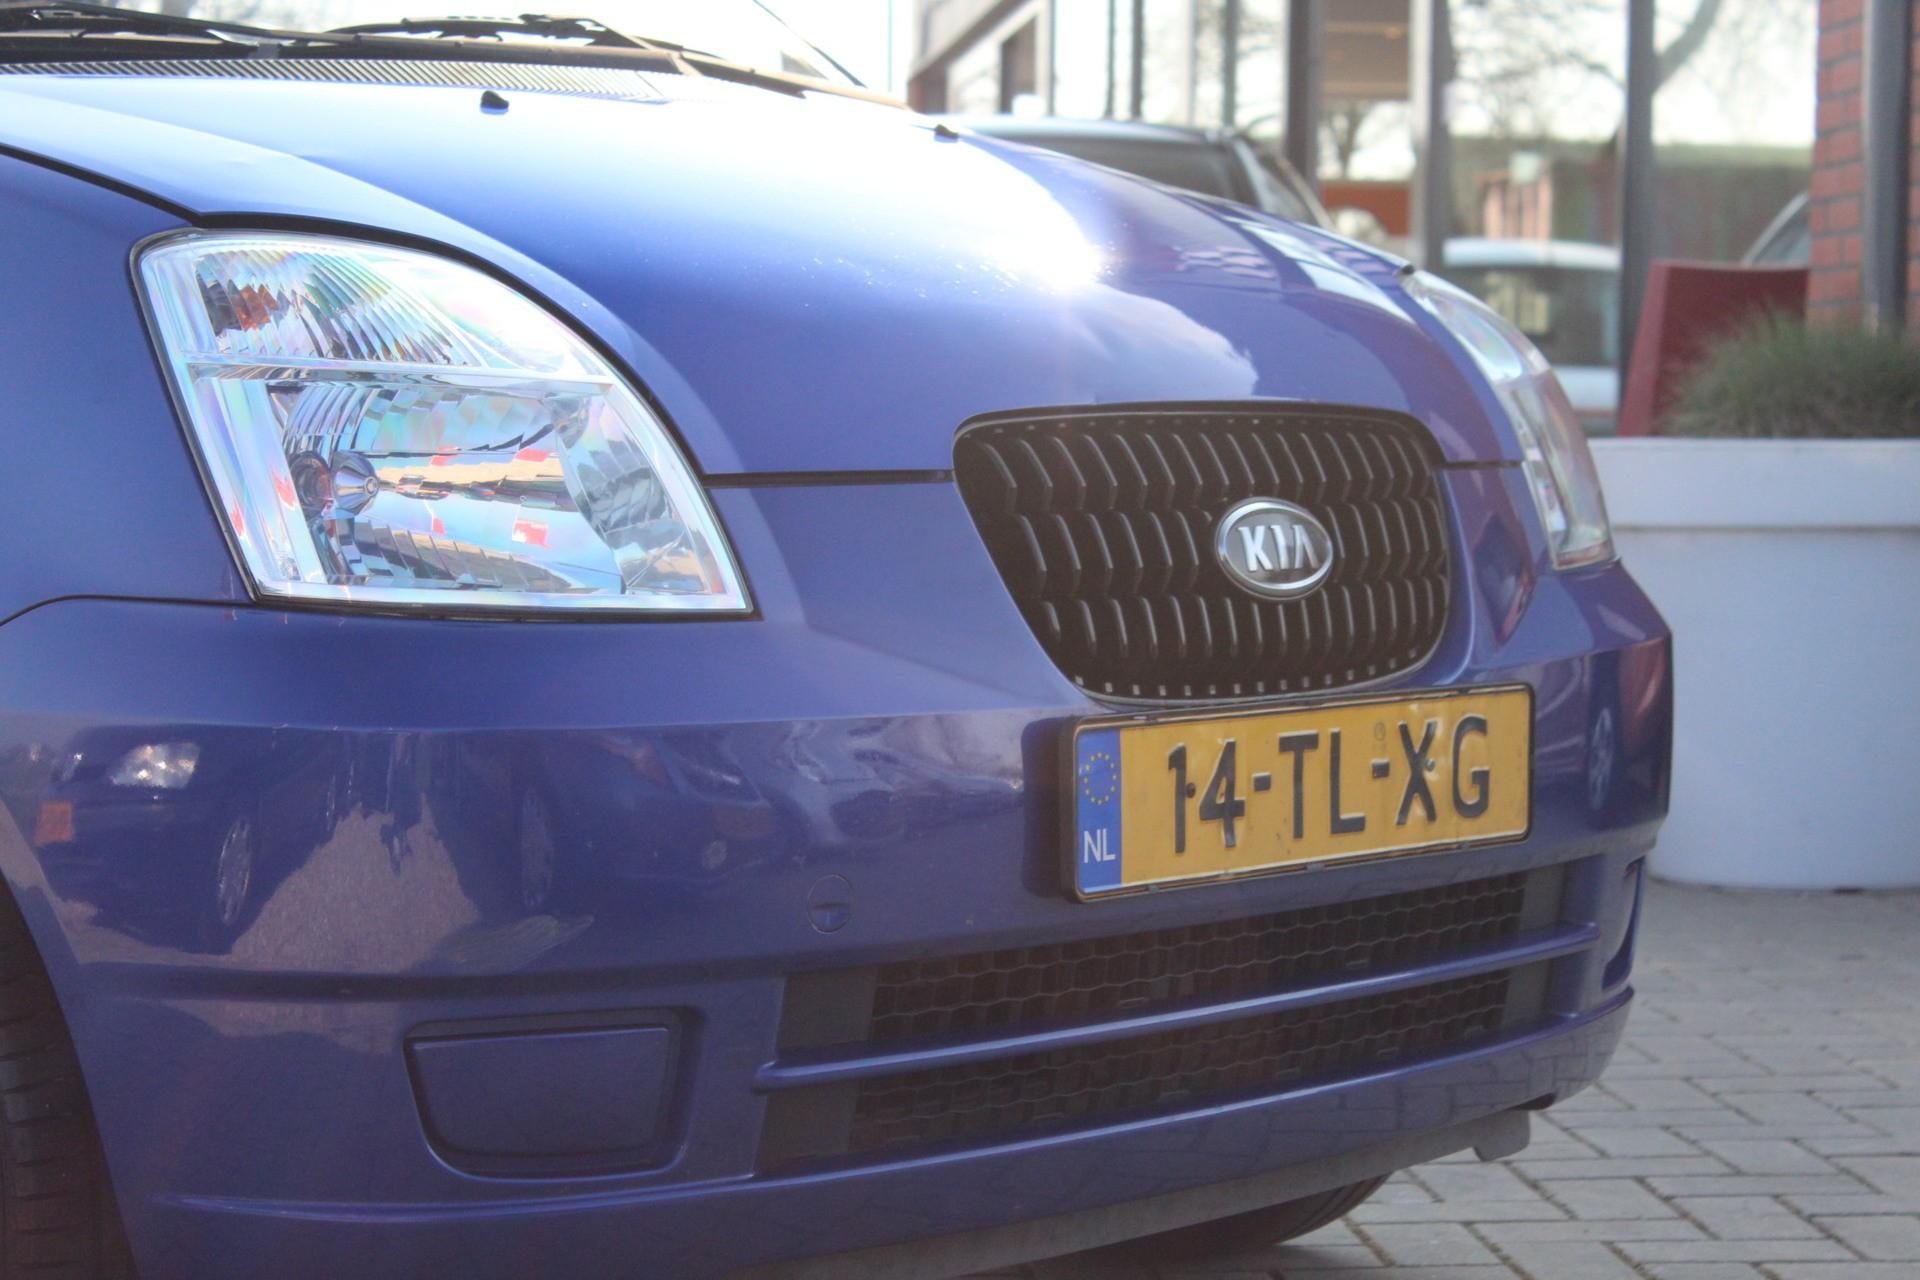 Caroutlet Groningen - Kia Picanto 1.0 Light | 2006 | 5 DEURS | BETROUWBAAR